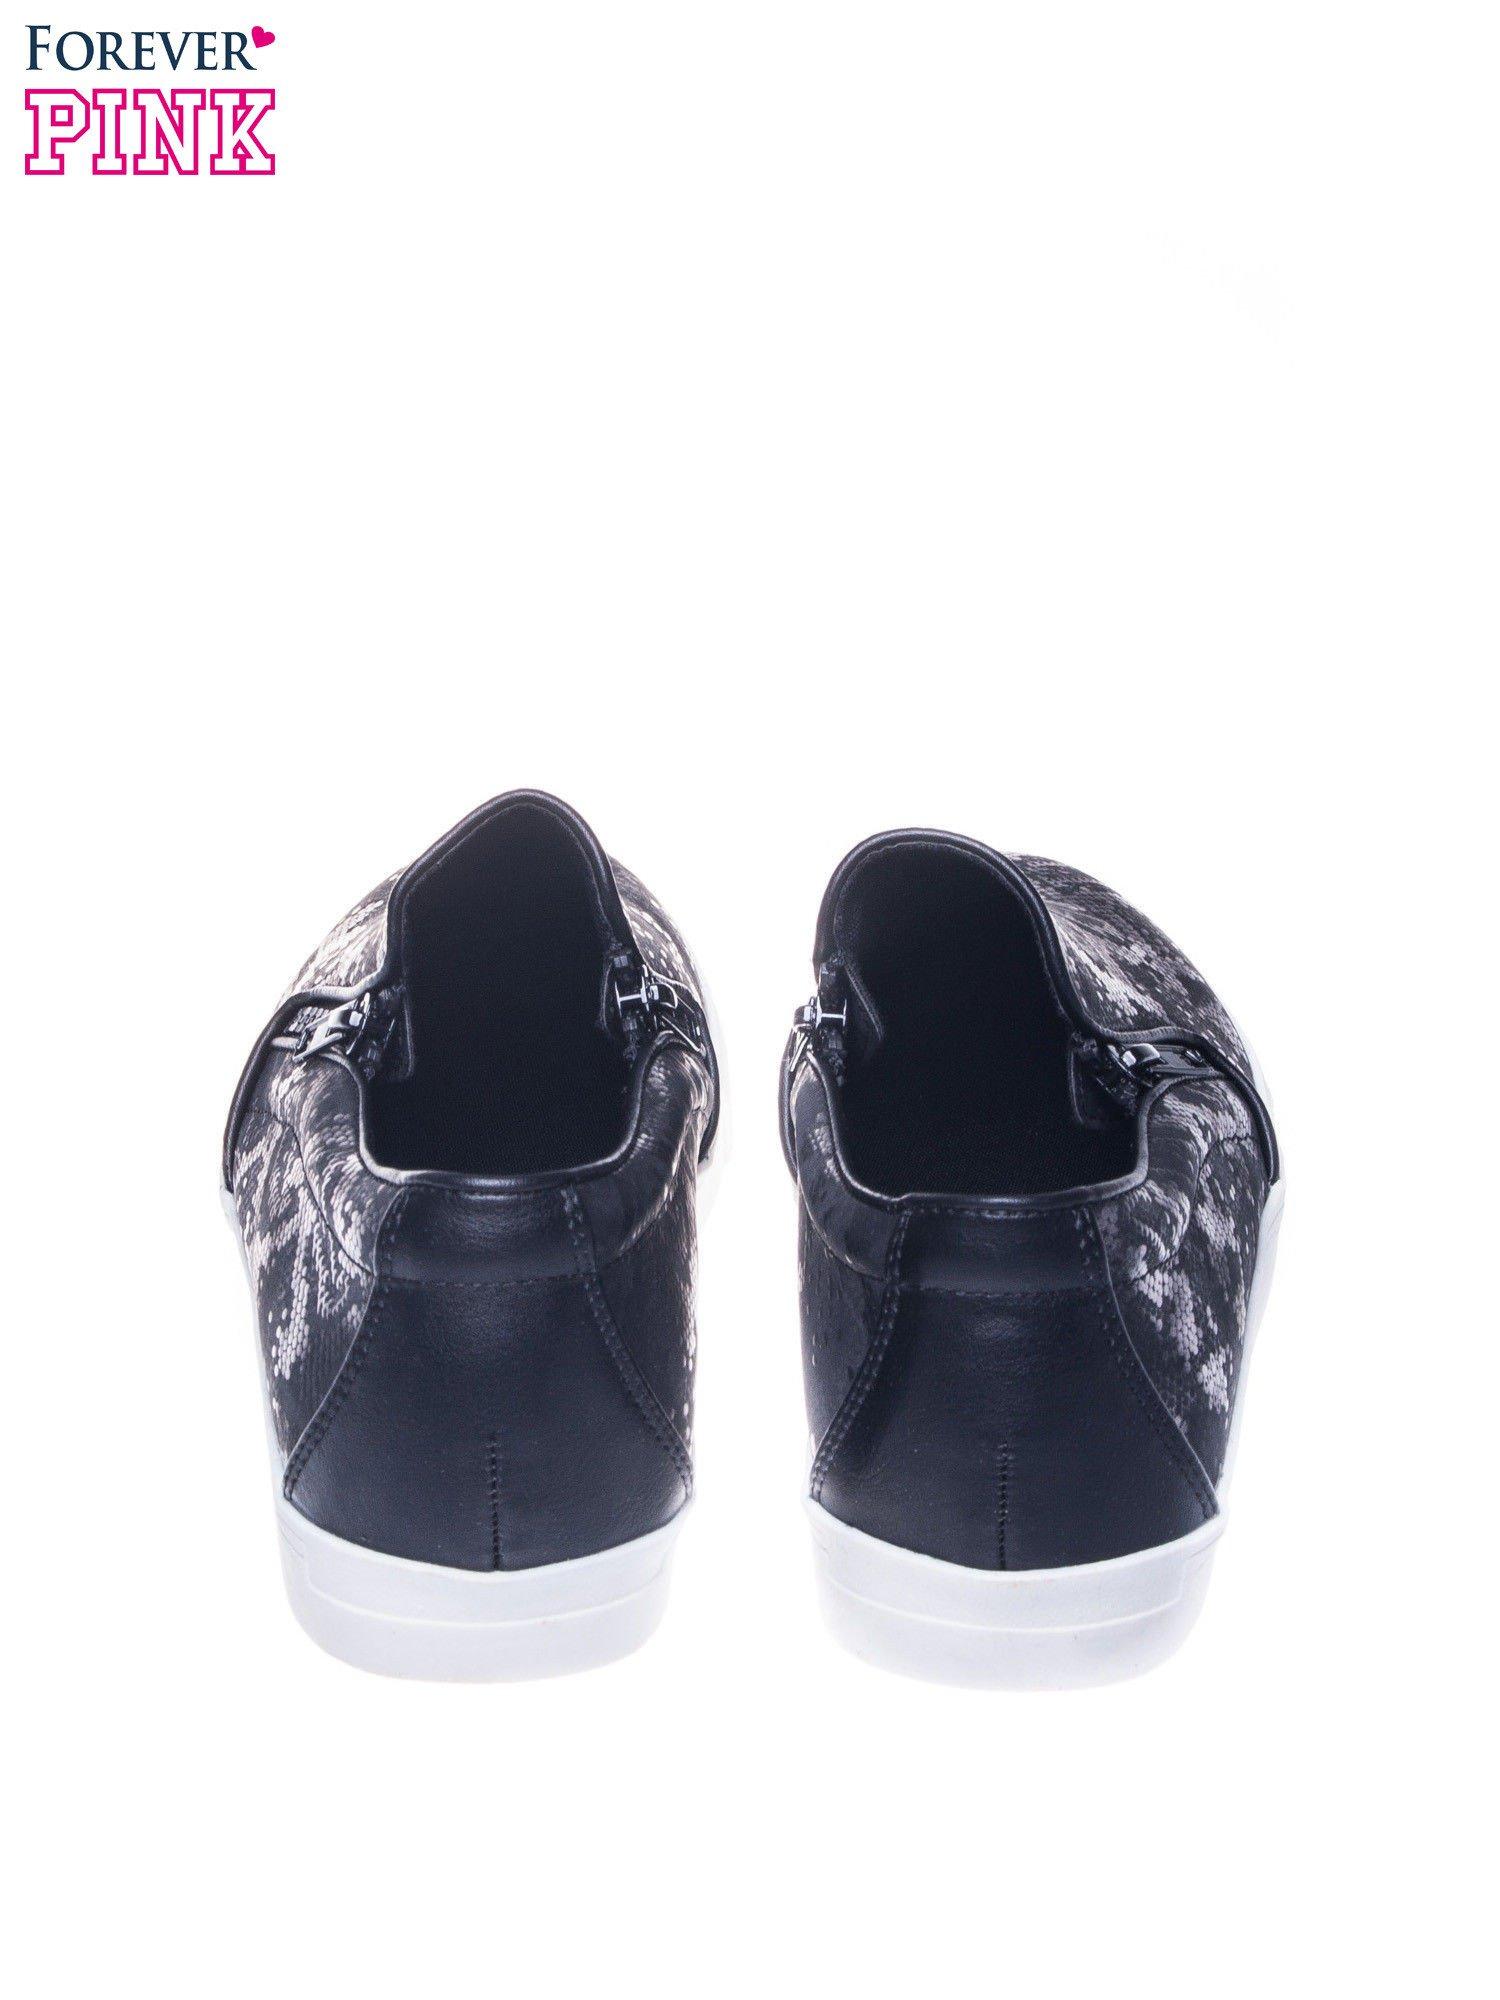 Czarne buty slip on Katie ze skóry węża                                  zdj.                                  3